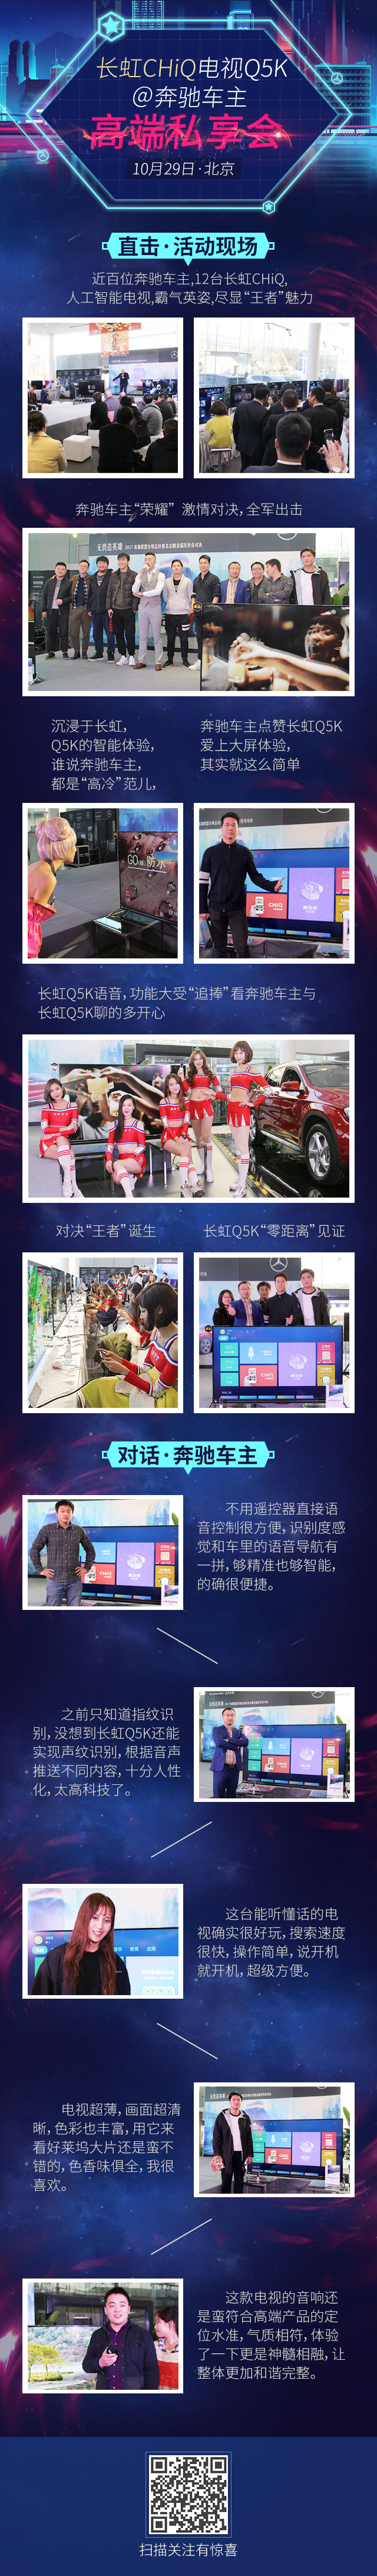 一张图带你了解长虹CHiQ电视奔驰车主高端私享会